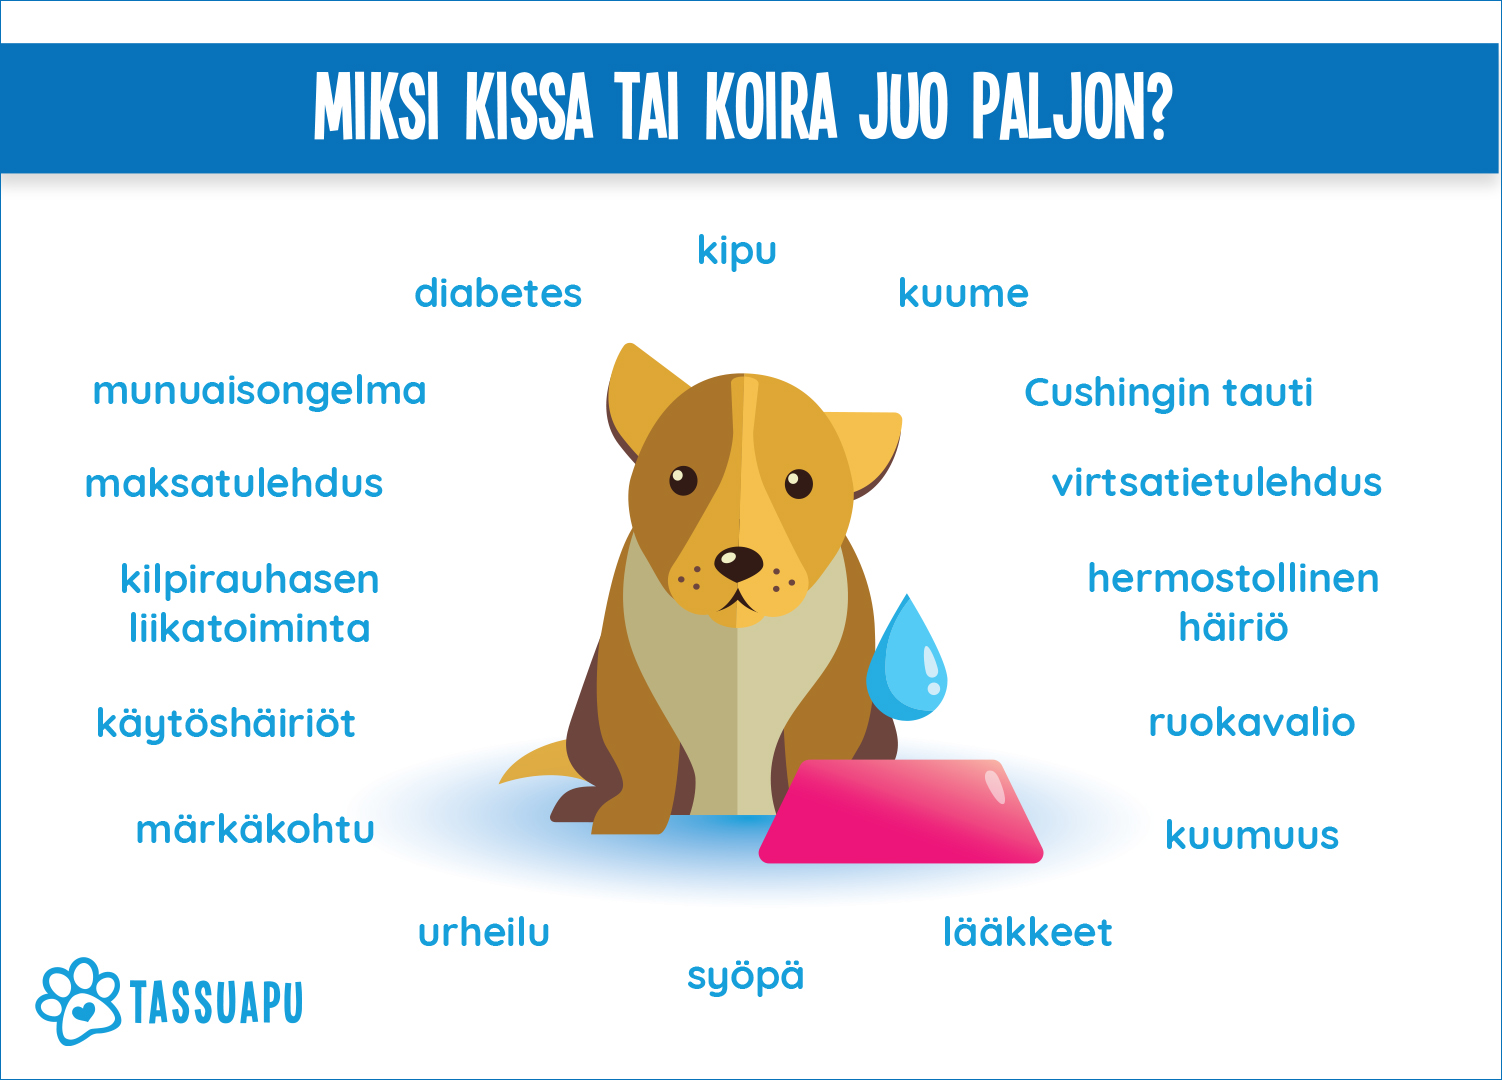 Koira Juo Paljon Vettä